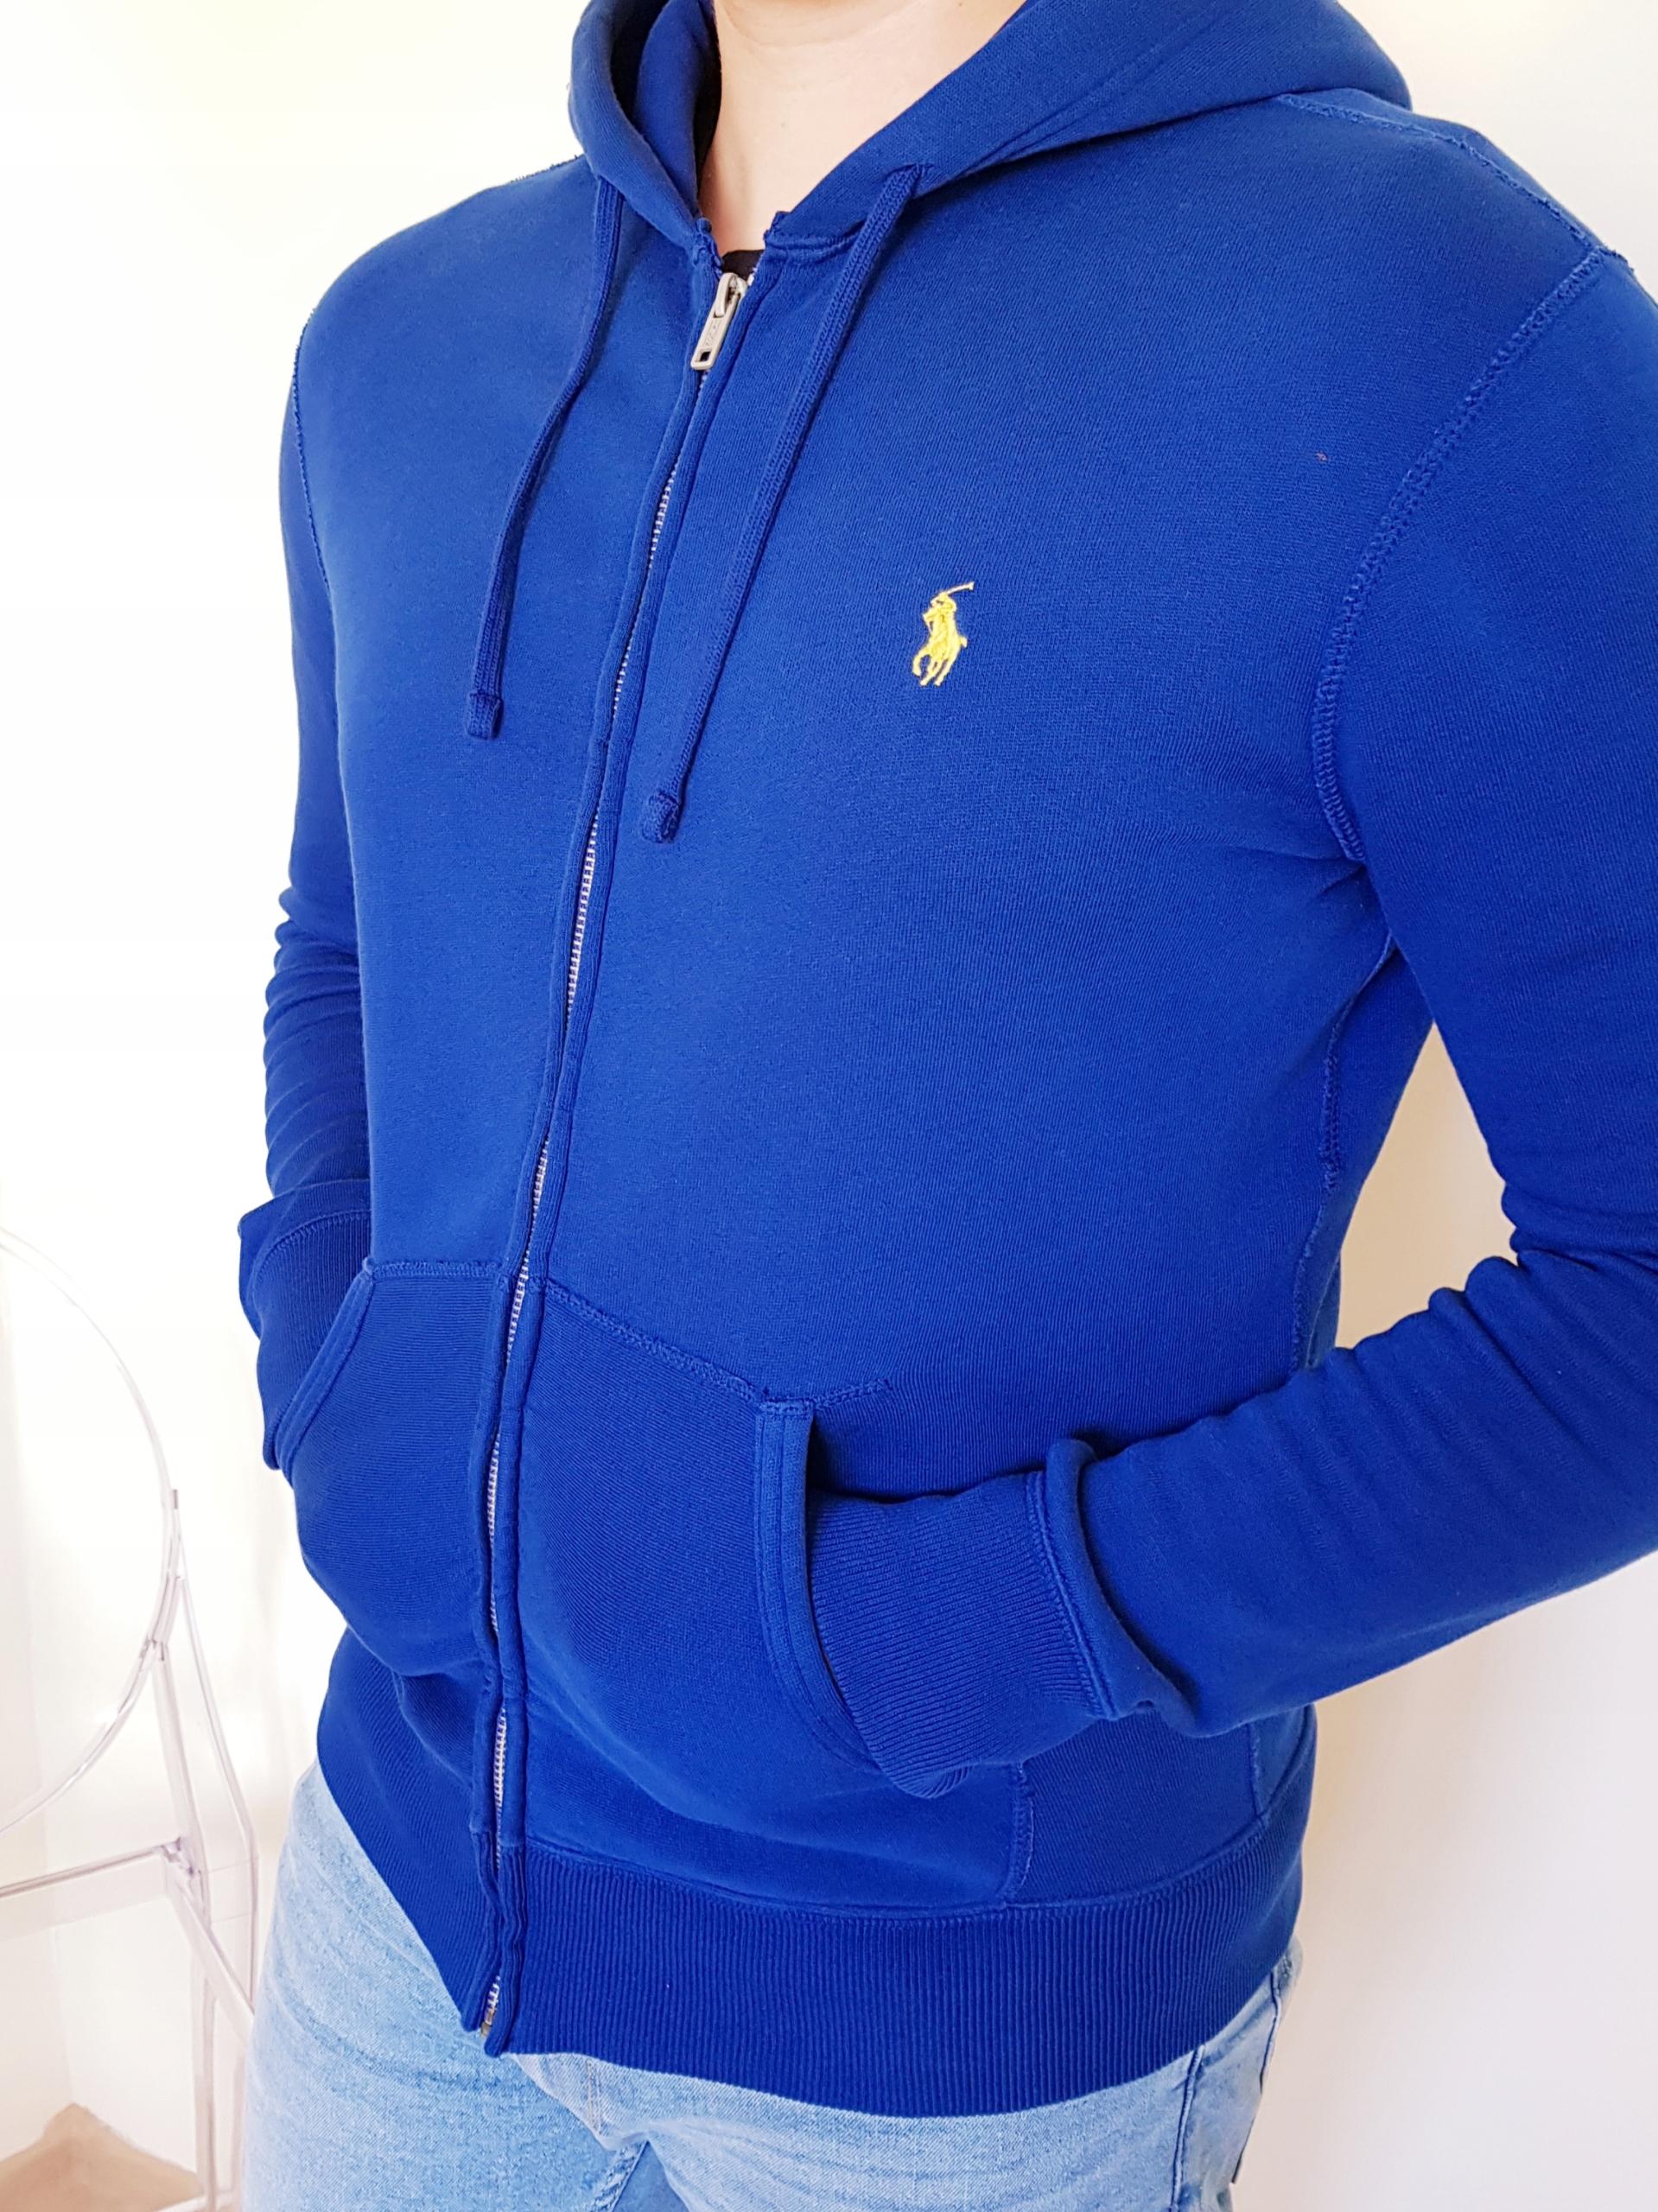 0fa2b99e3 Bluza POLO Ralph Lauren Magic r. S niebieska - 7590158632 ...